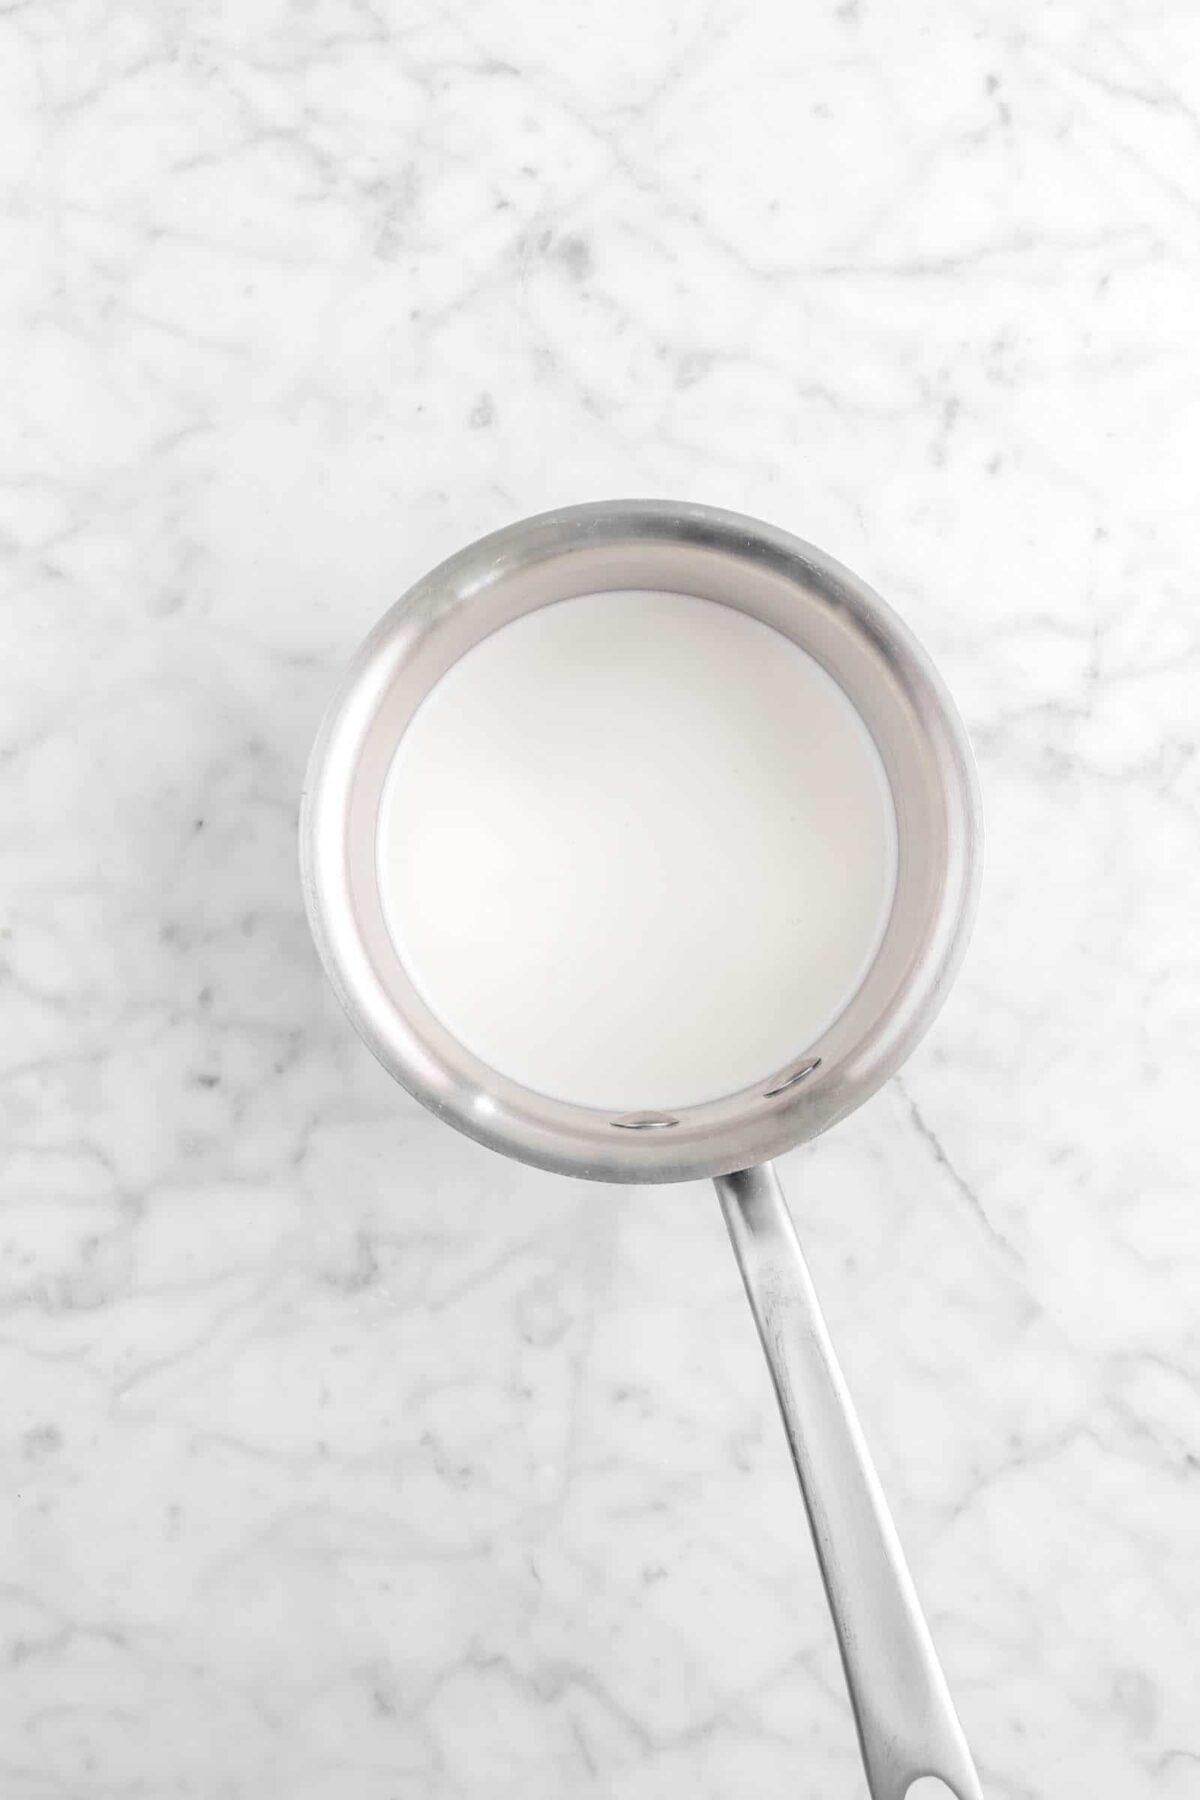 cream in small pot